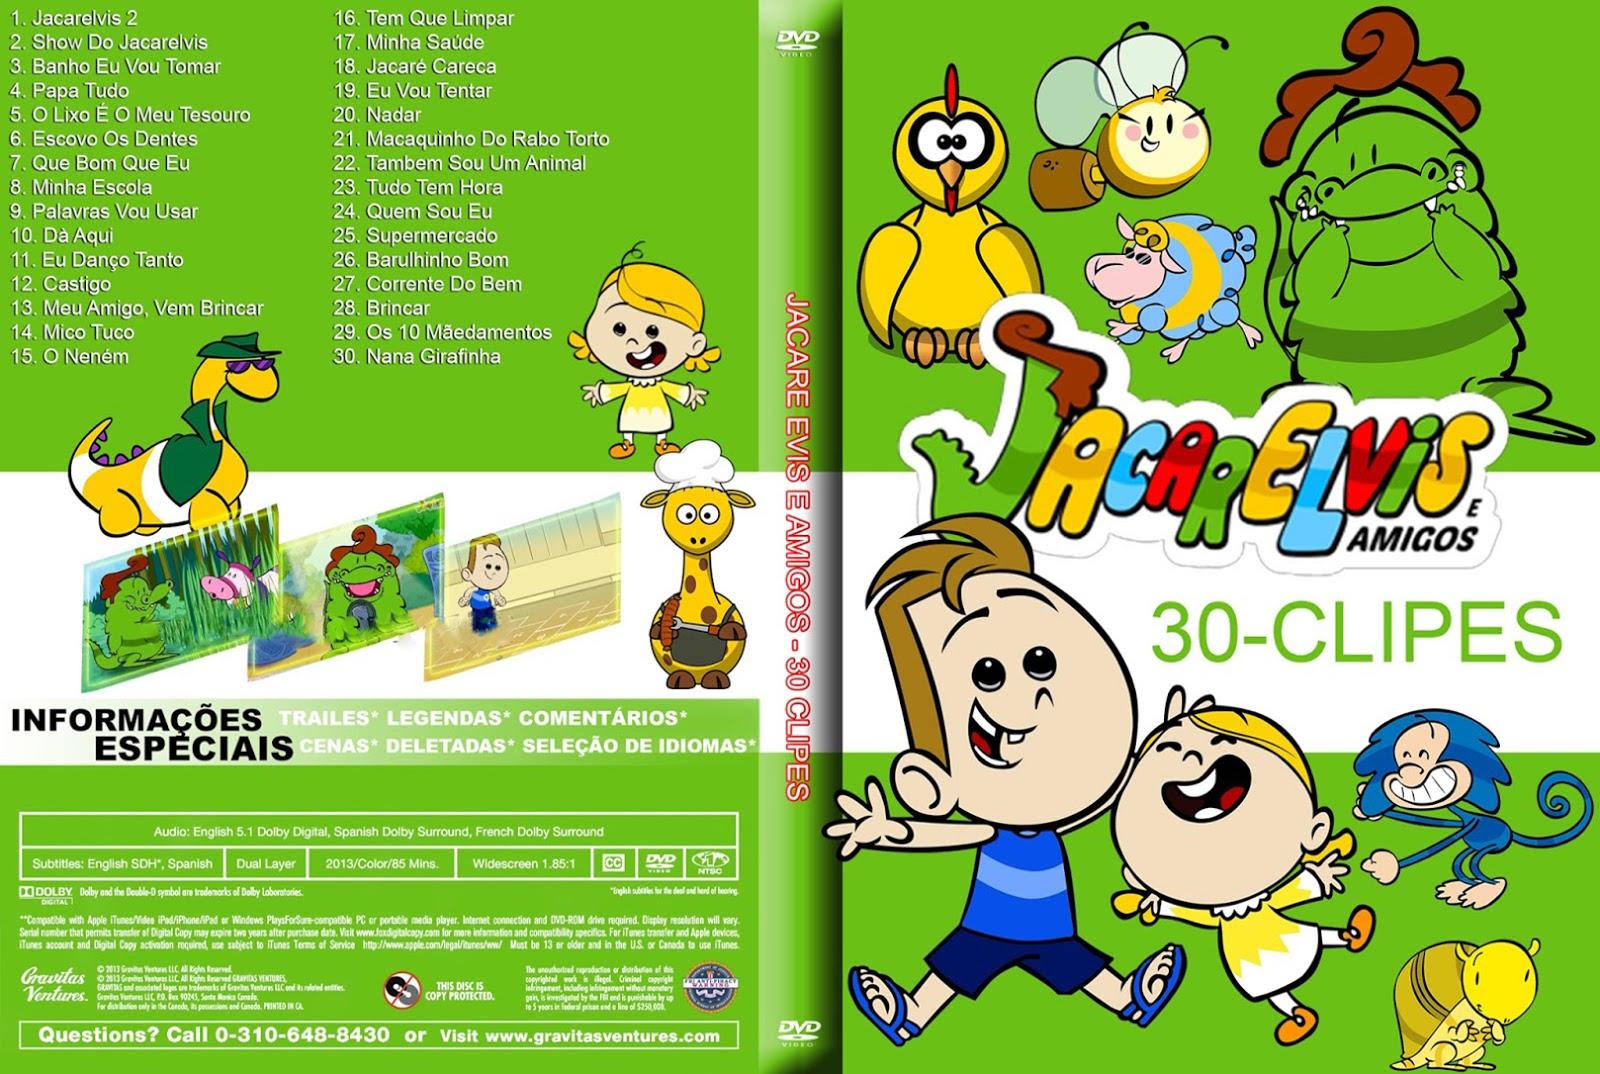 Jacarelvis E Amigos 30 Clipes DVDRip + DVD-R Jacarelvis 2BE 2BAmigos 2B30 2BClipes 2BDVD R 2BXANDAODOWNLOAD